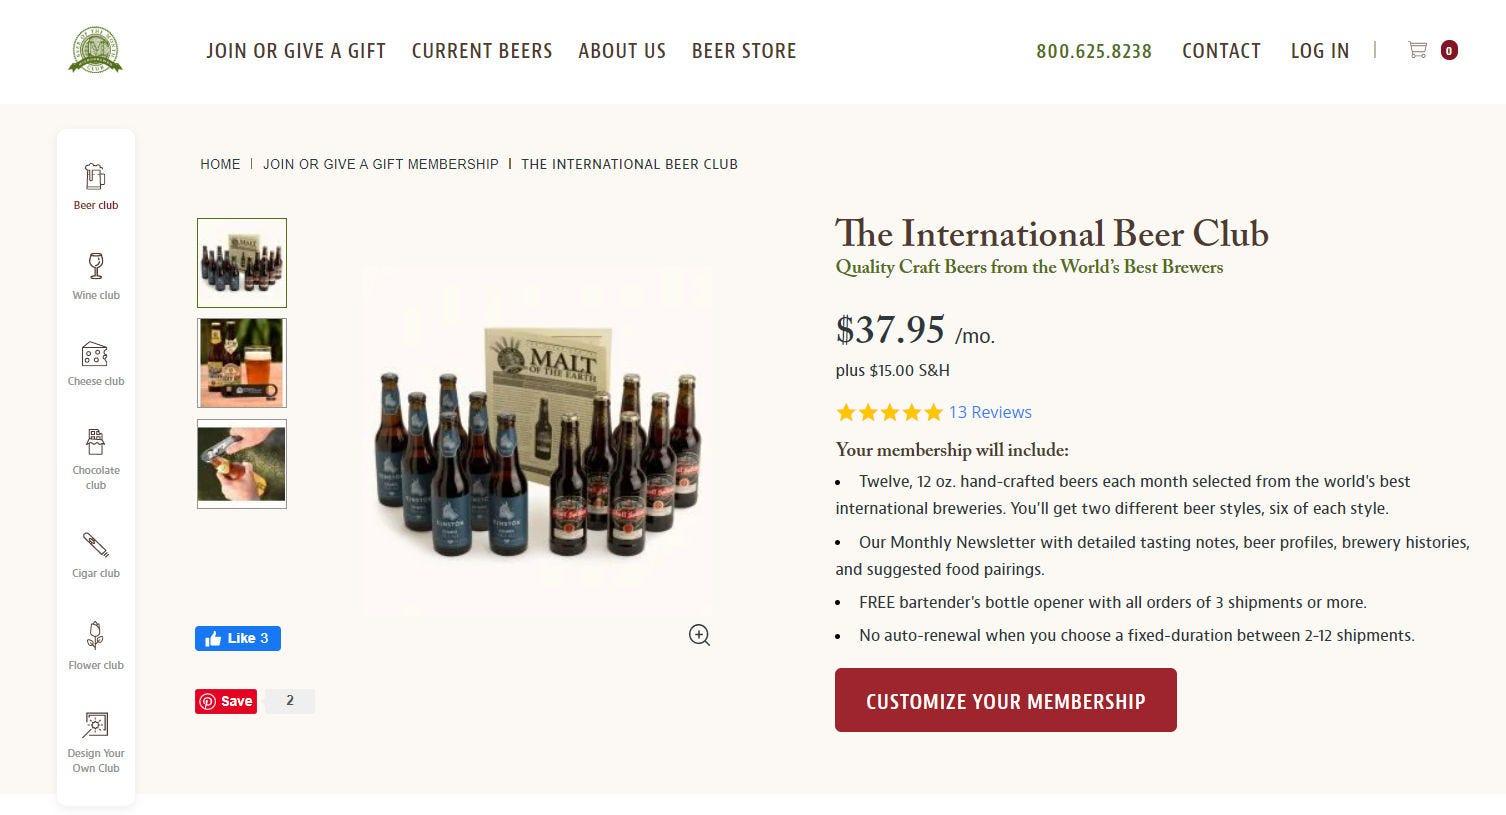 The International Beer Club website.